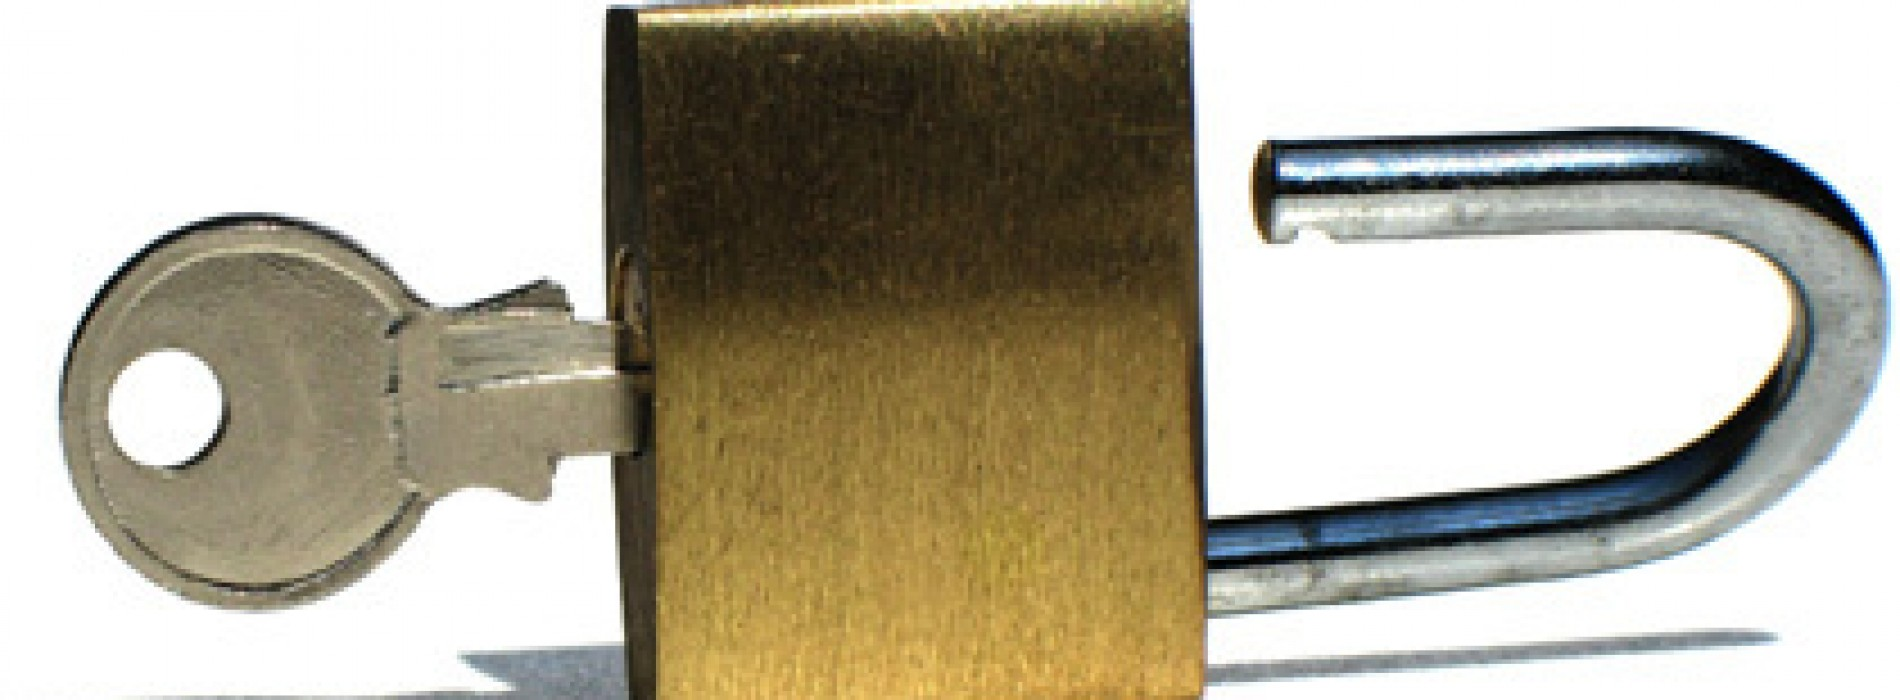 Several HTC Desire models get unlocked bootloader